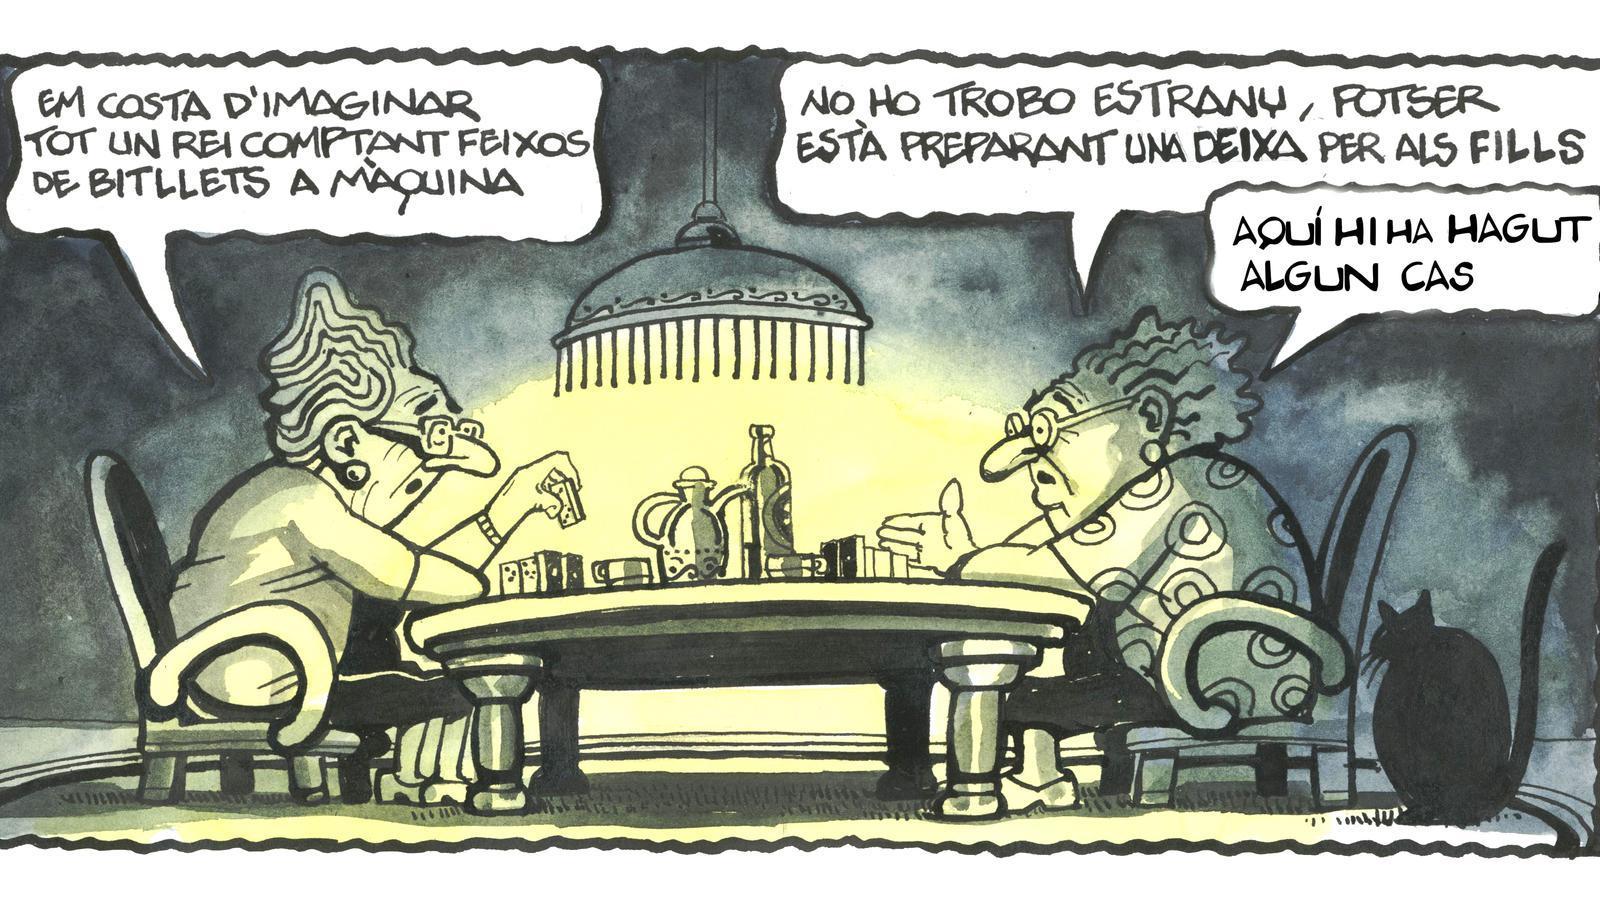 'A la contra', per Ferreres 20/07/2020